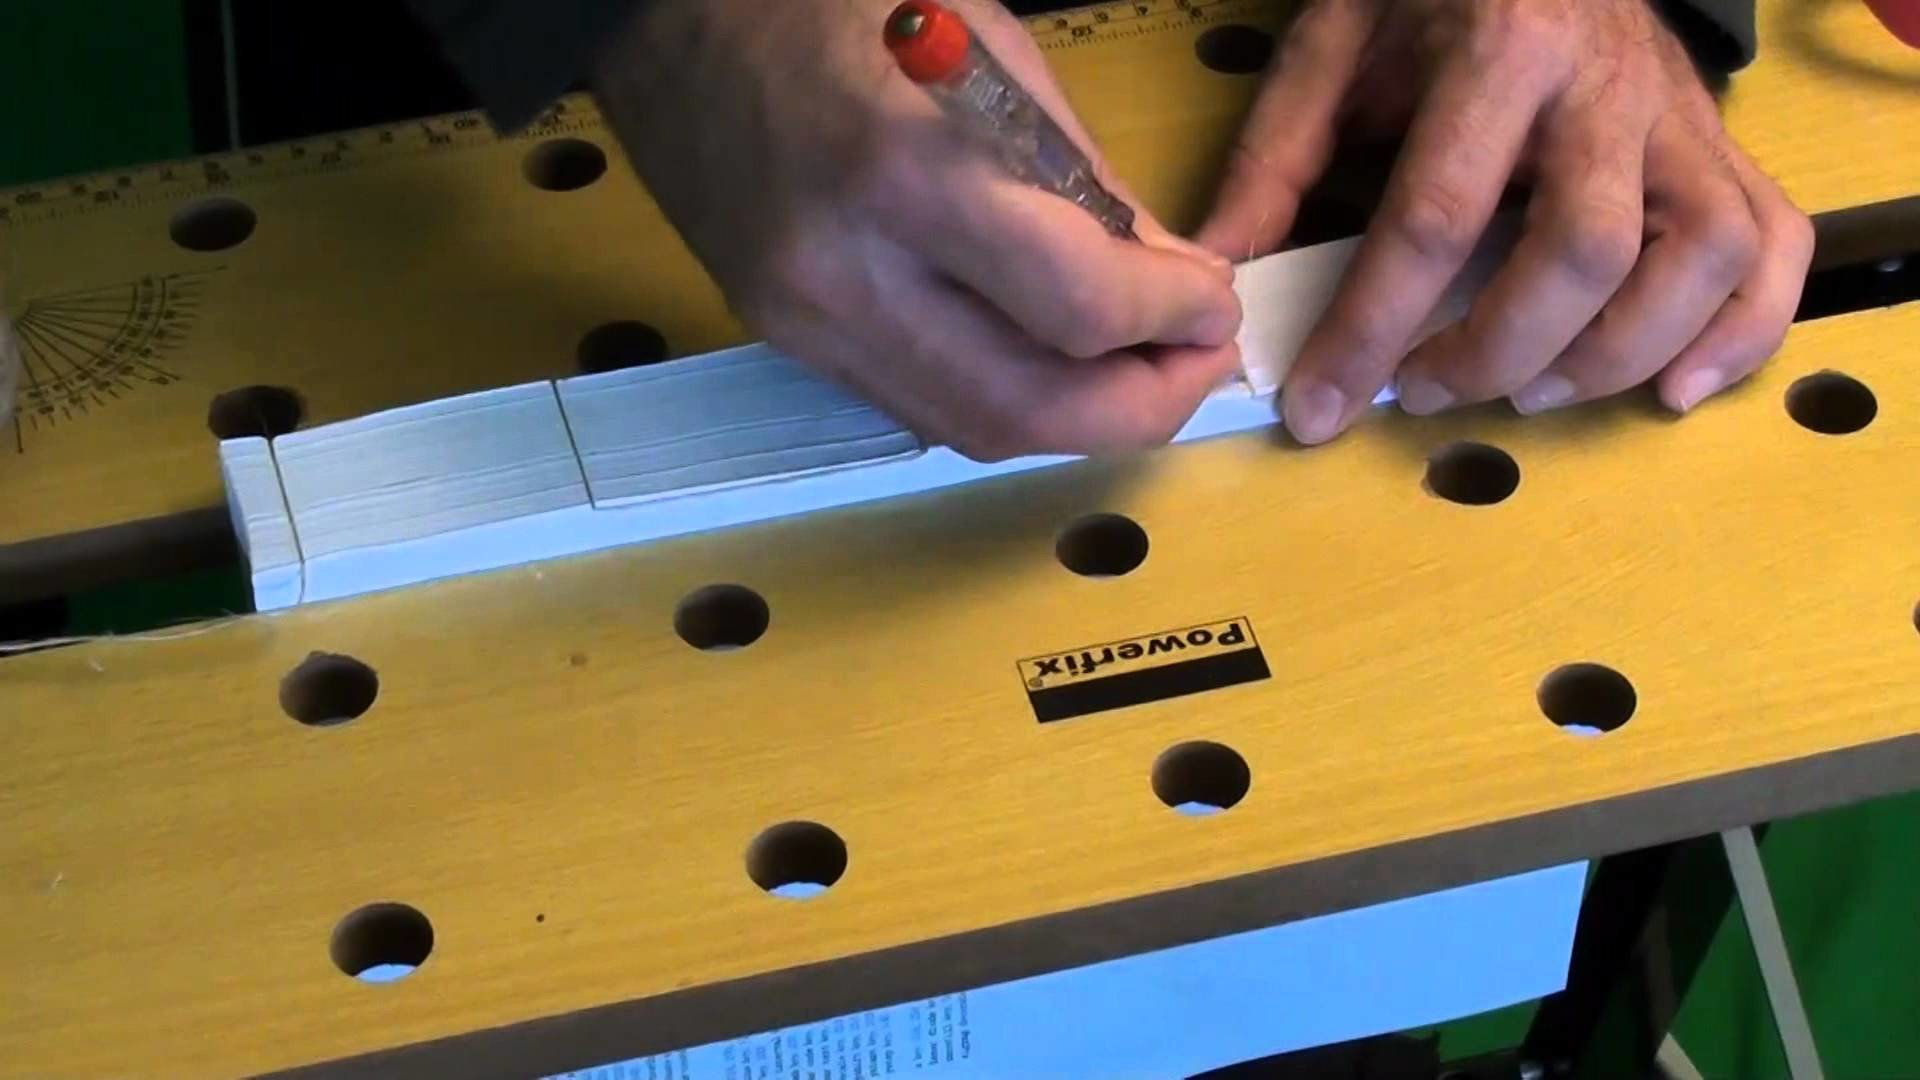 How to bind a self made book  - Rilegatura di libri facile e veloce